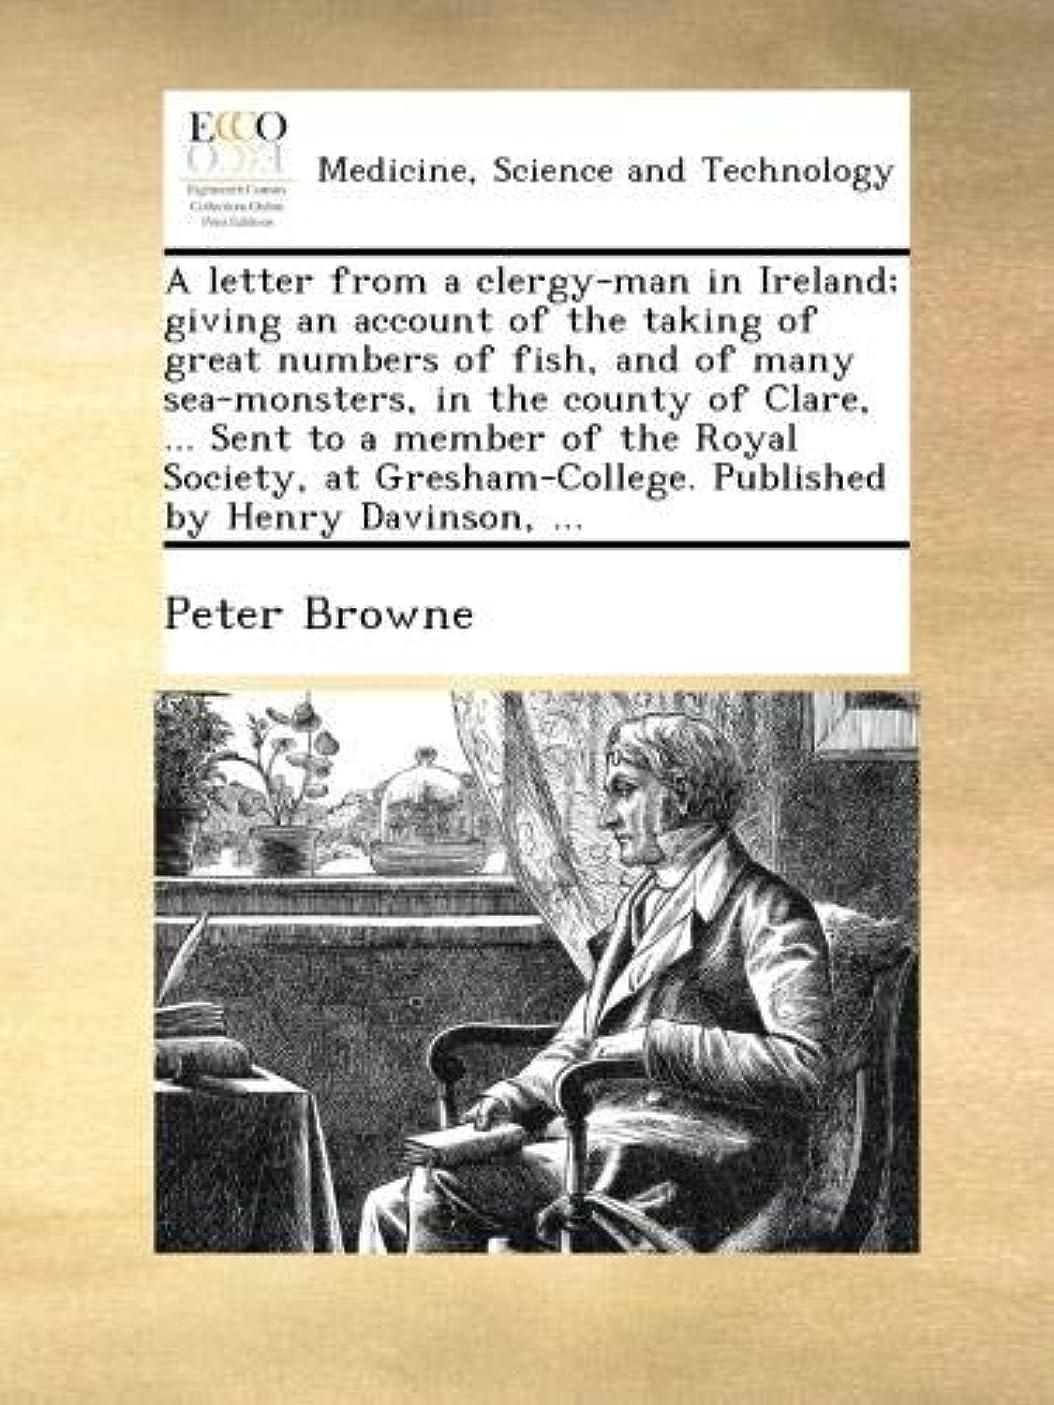 セントピストン忘れっぽいA letter from a clergy-man in Ireland; giving an account of the taking of great numbers of fish, and of many sea-monsters, in the county of Clare, ... Sent to a member of the Royal Society, at Gresham-College. Published by Henry Davinson, ...